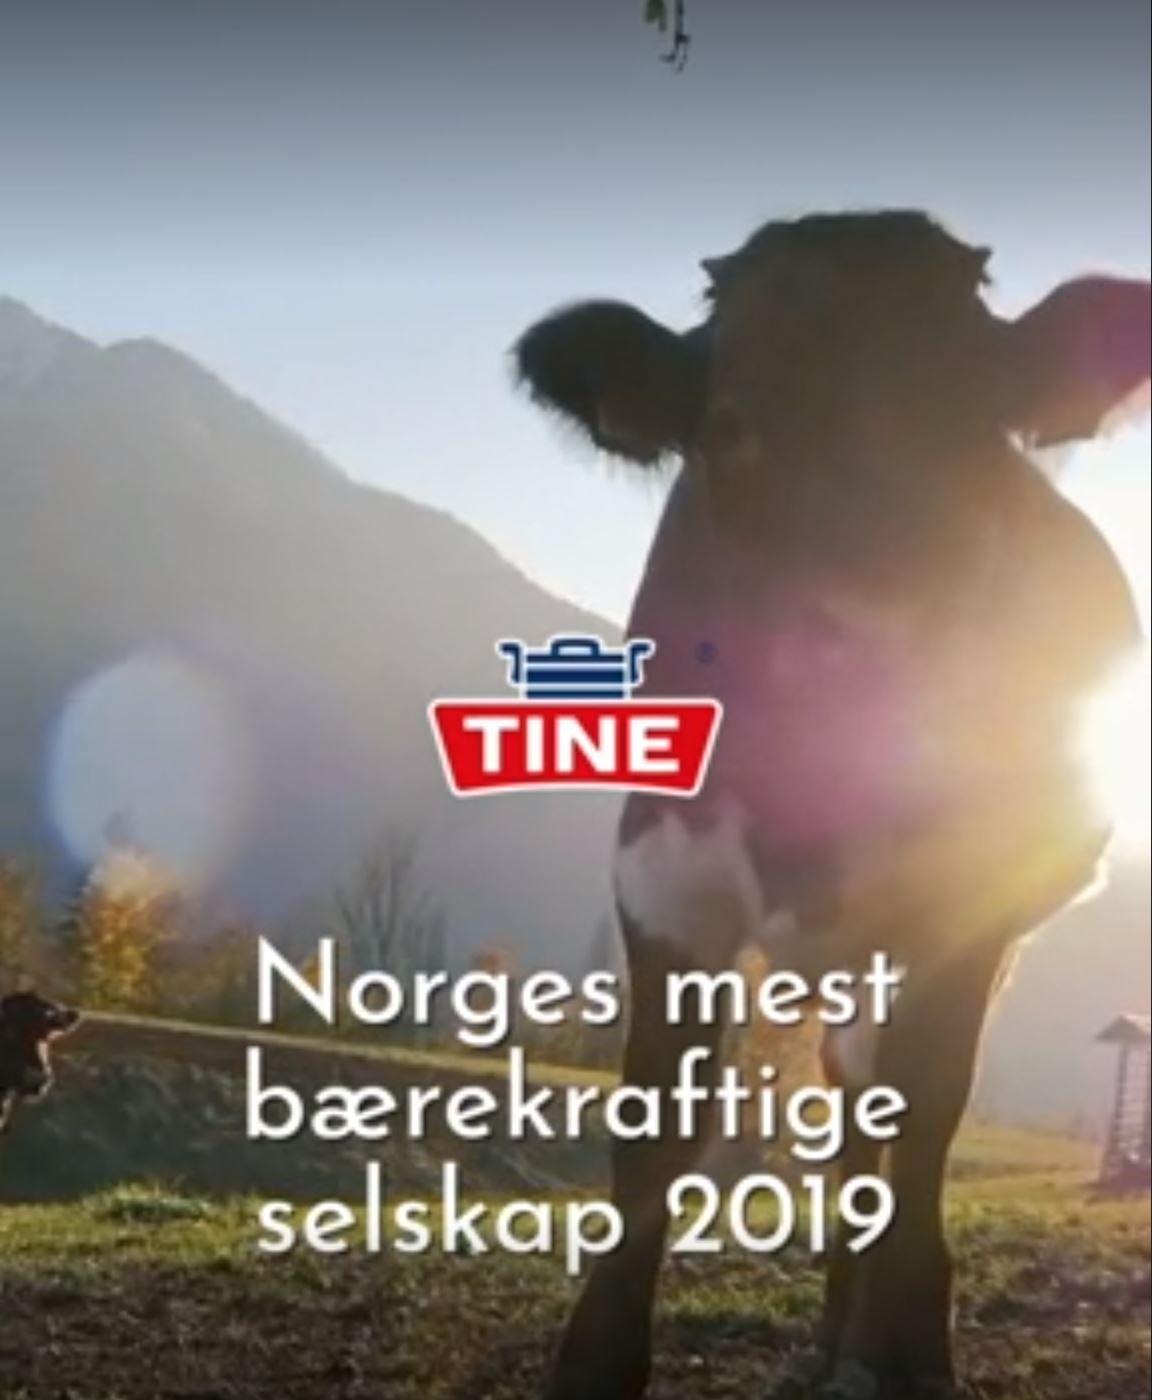 VILLEIANDE: Meierigiganten Tine fekk kritikk frå Forbrukartilsynet for villeiande marknadsføring for denne reklama.